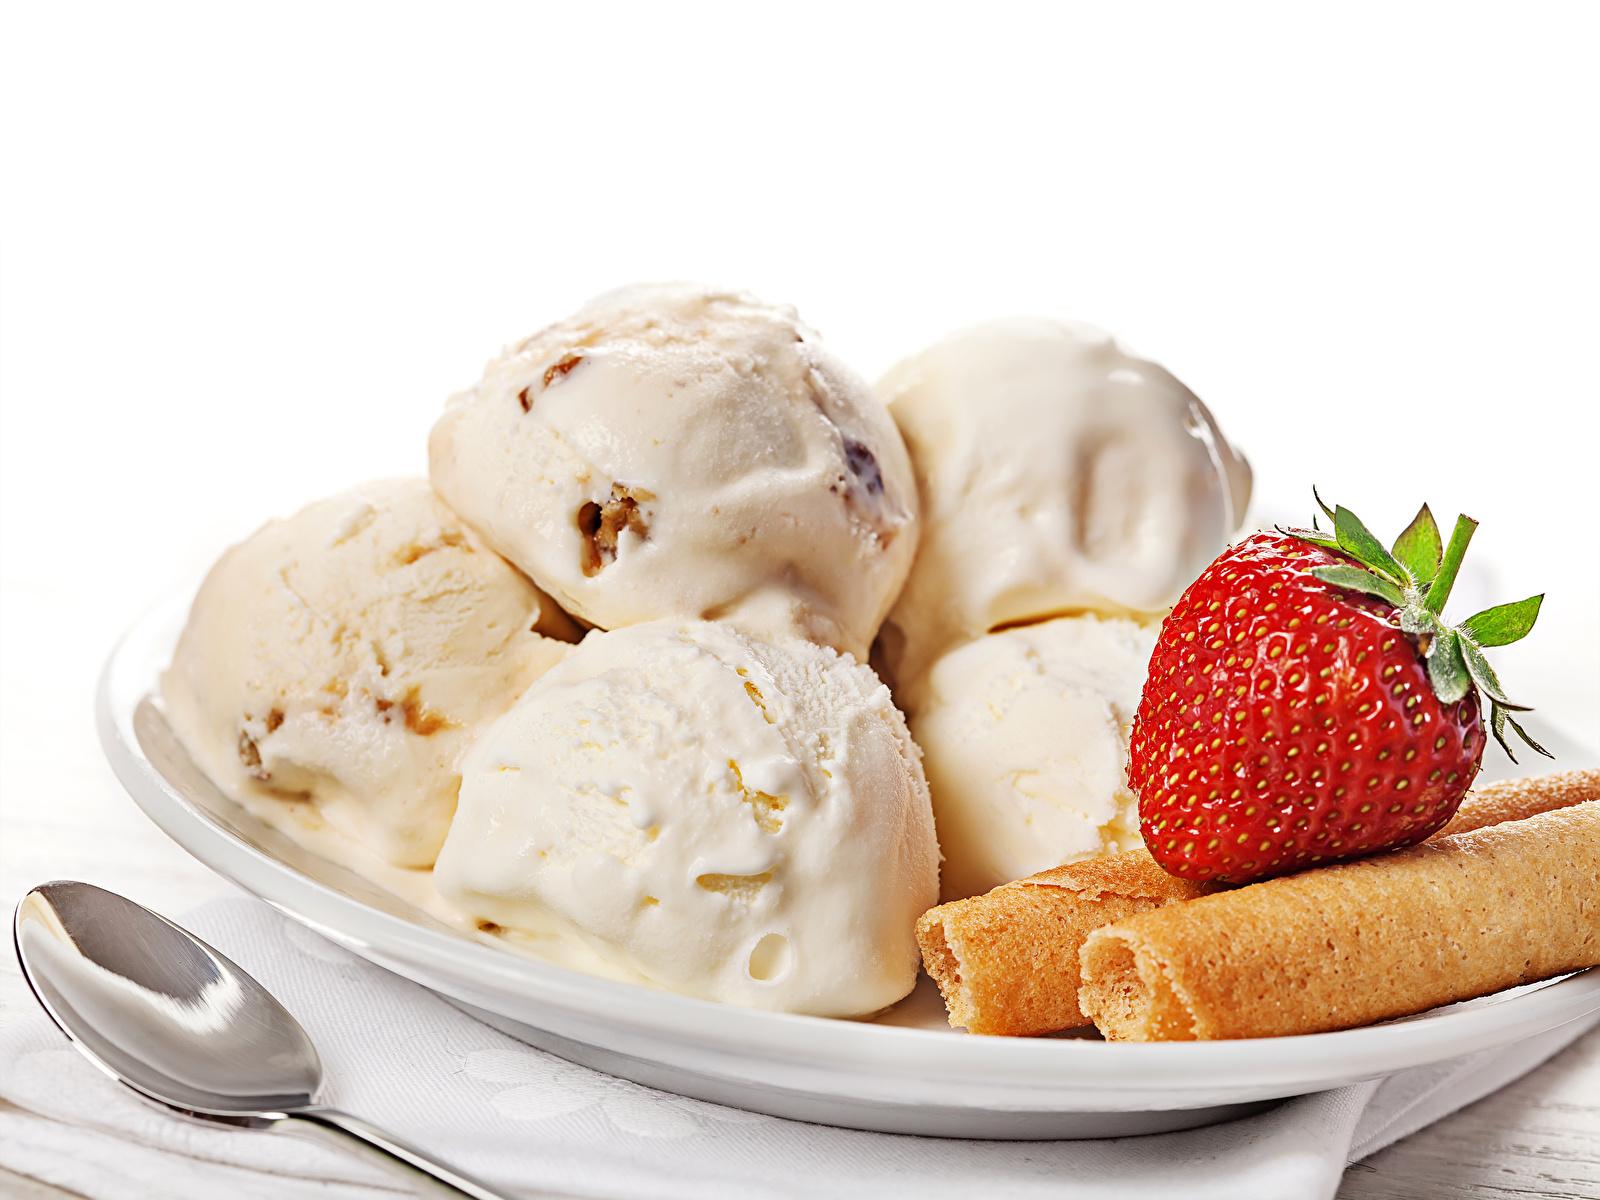 мороженое клубника шарики ice cream strawberry balls  № 2145122 бесплатно